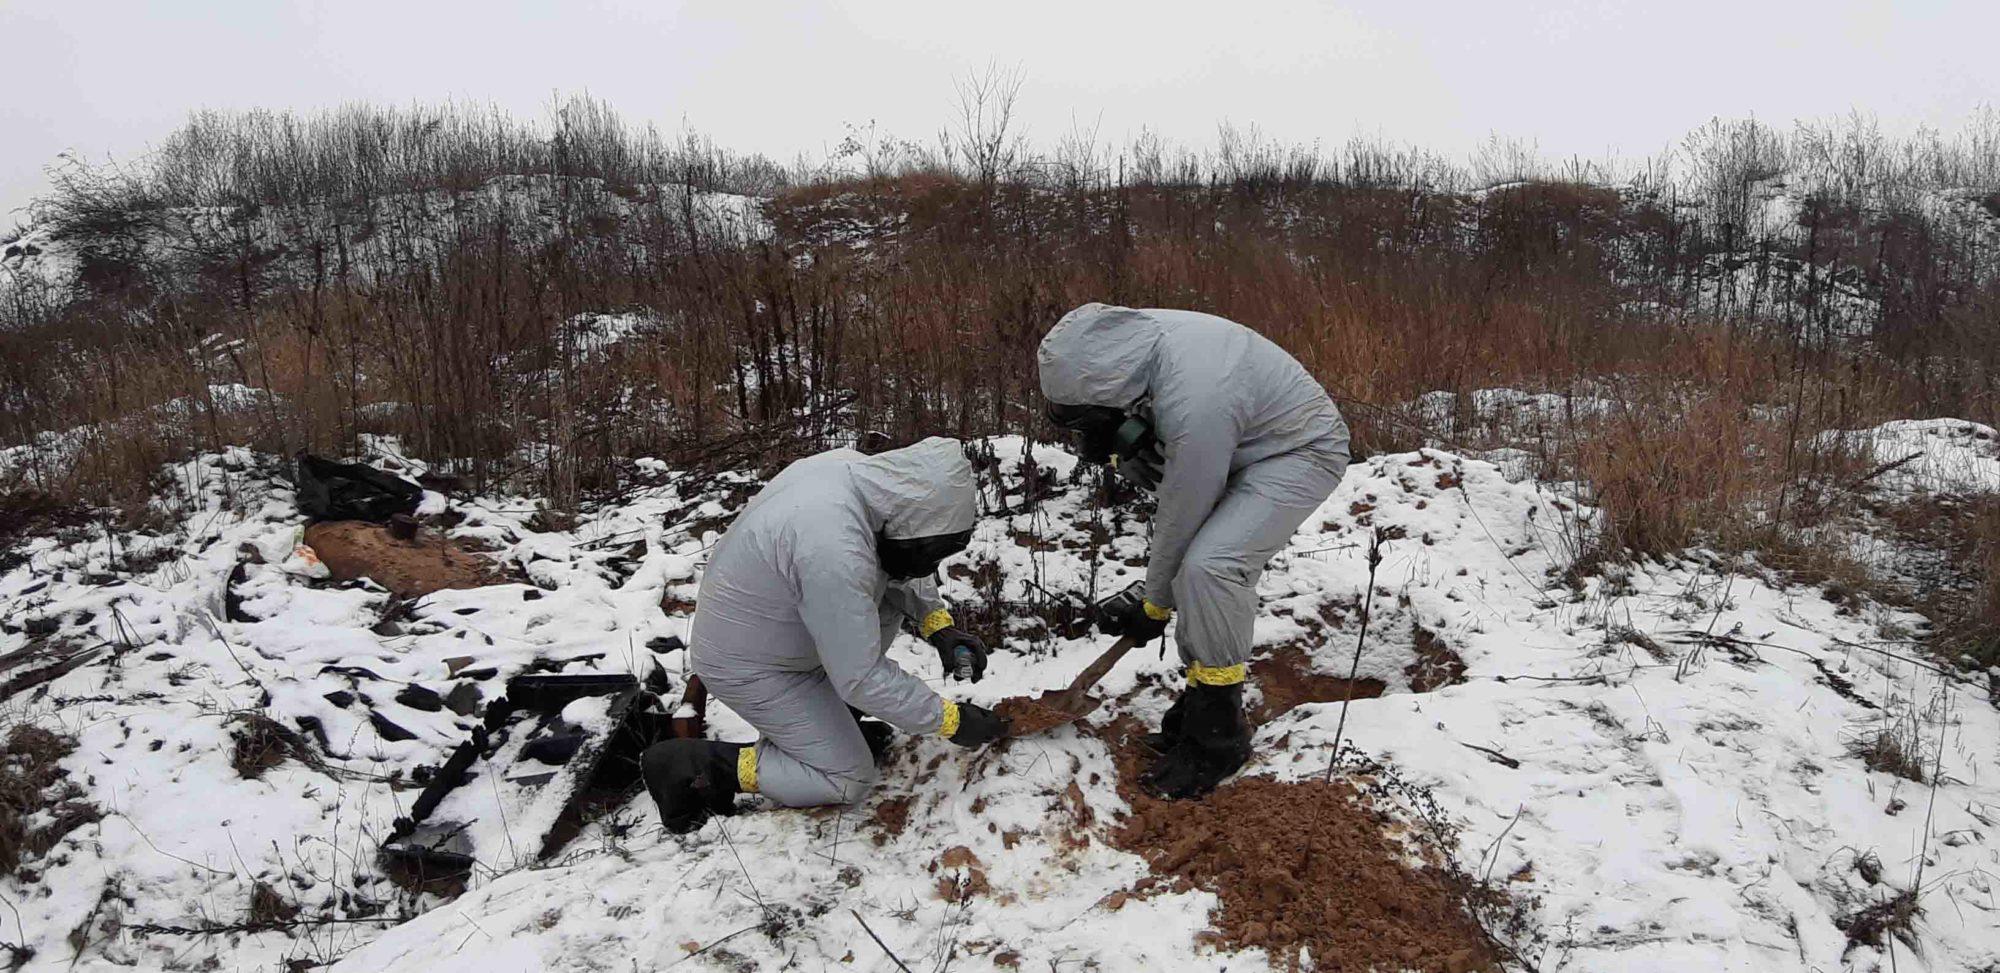 10_bochka-2000x973 У Макарівському районі знайшли бочку з невідомою речовиною